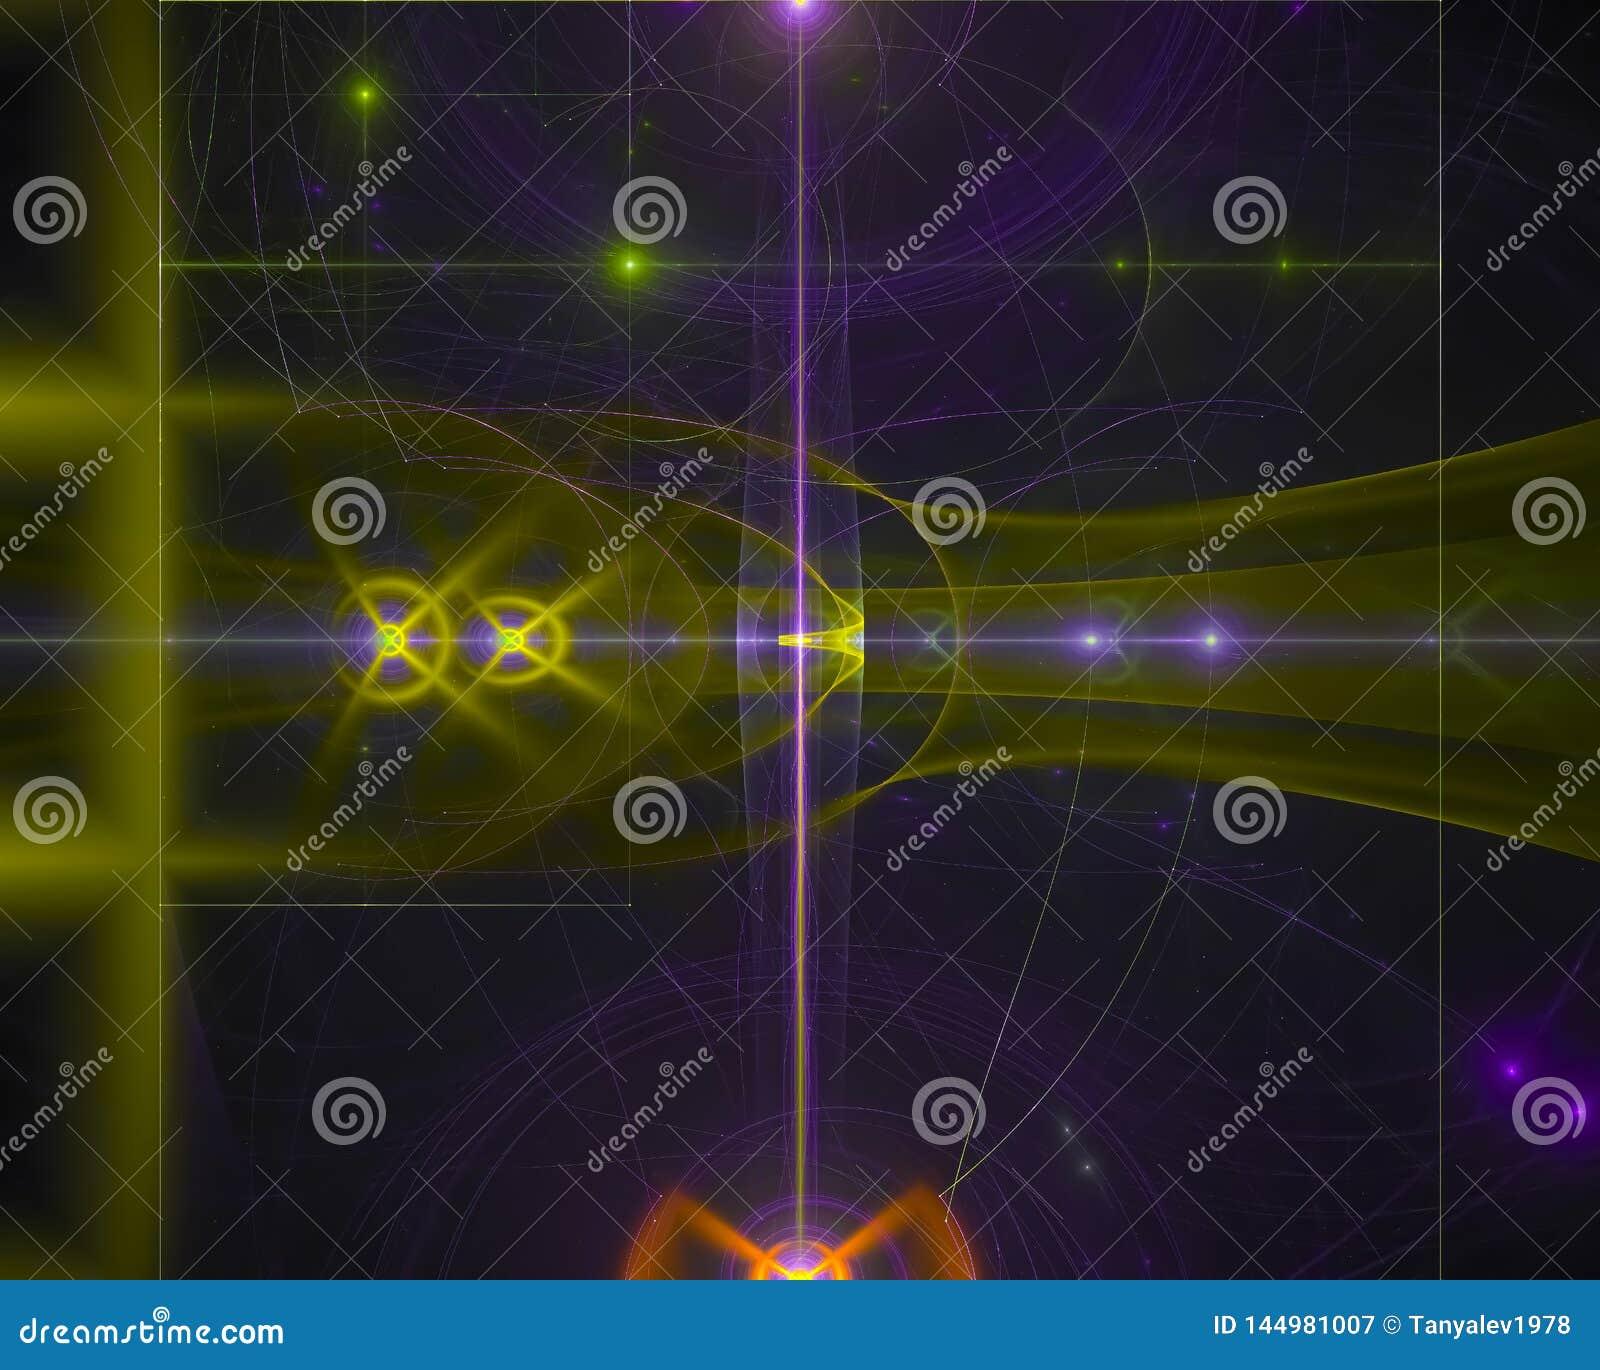 Abstracte fractal, futuristische stroomverbeelding maakt werveling het trillende magische ornament van de het ontwerpverbeelding